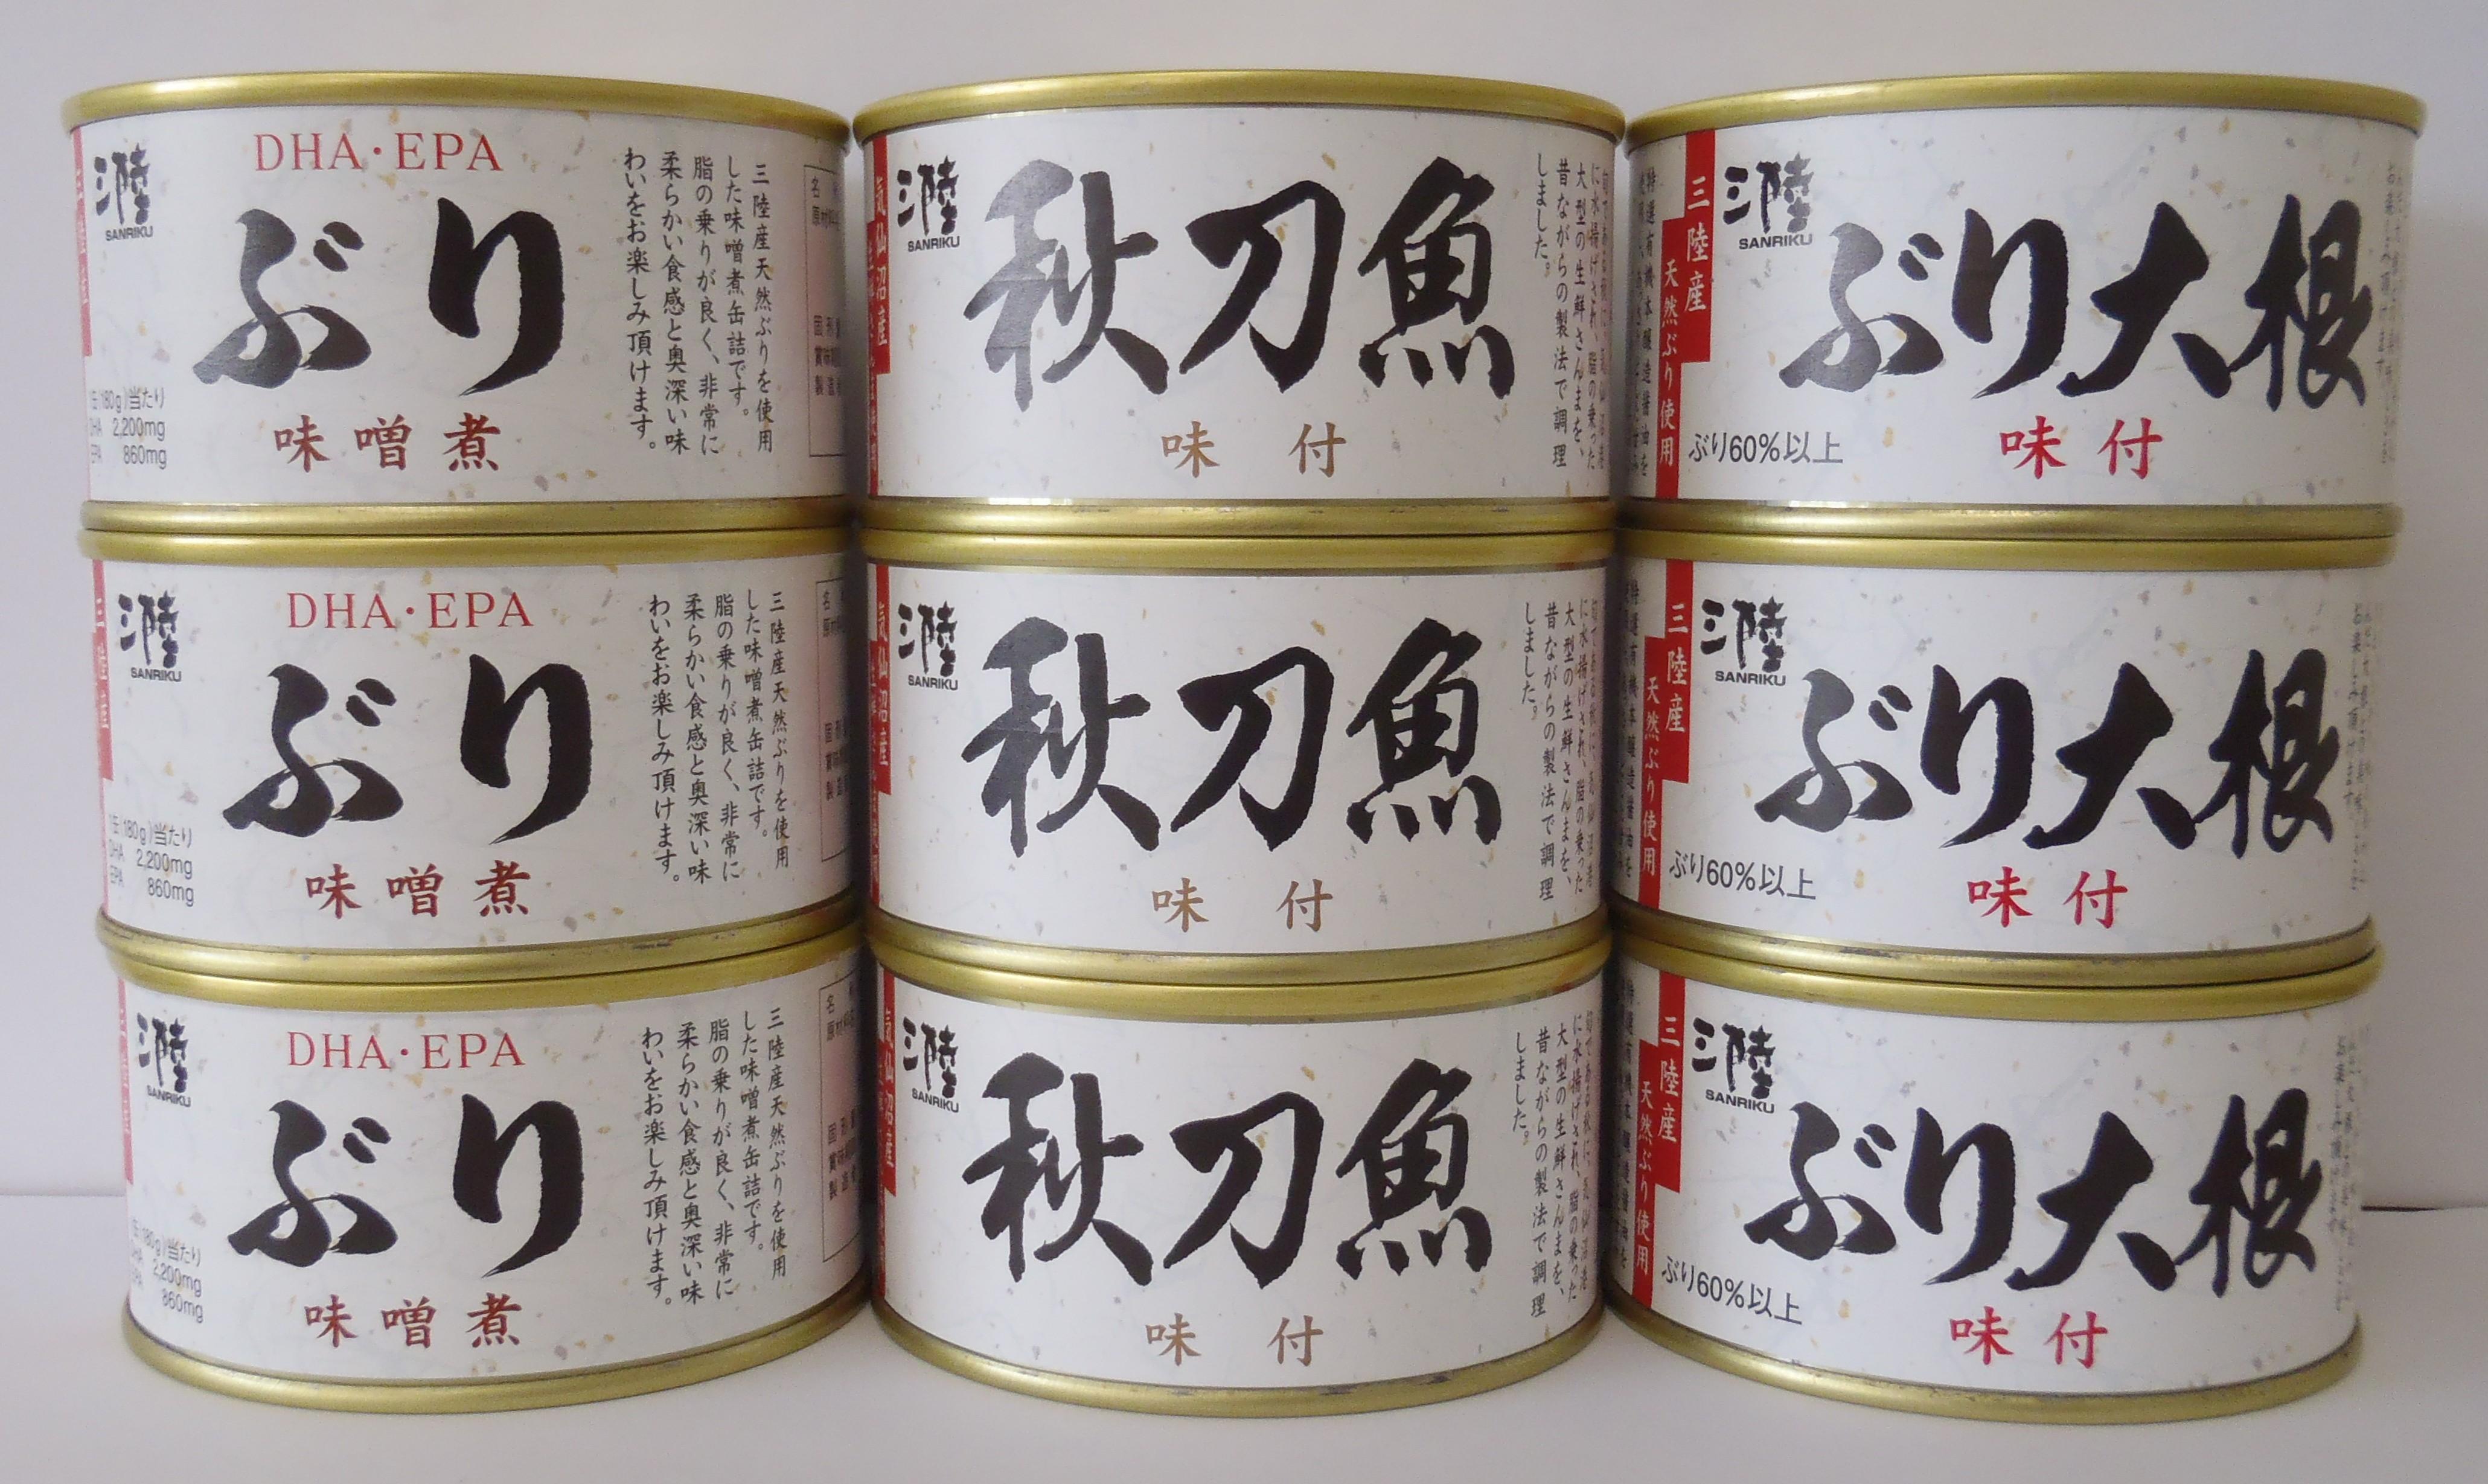 缶詰ギフトSB9